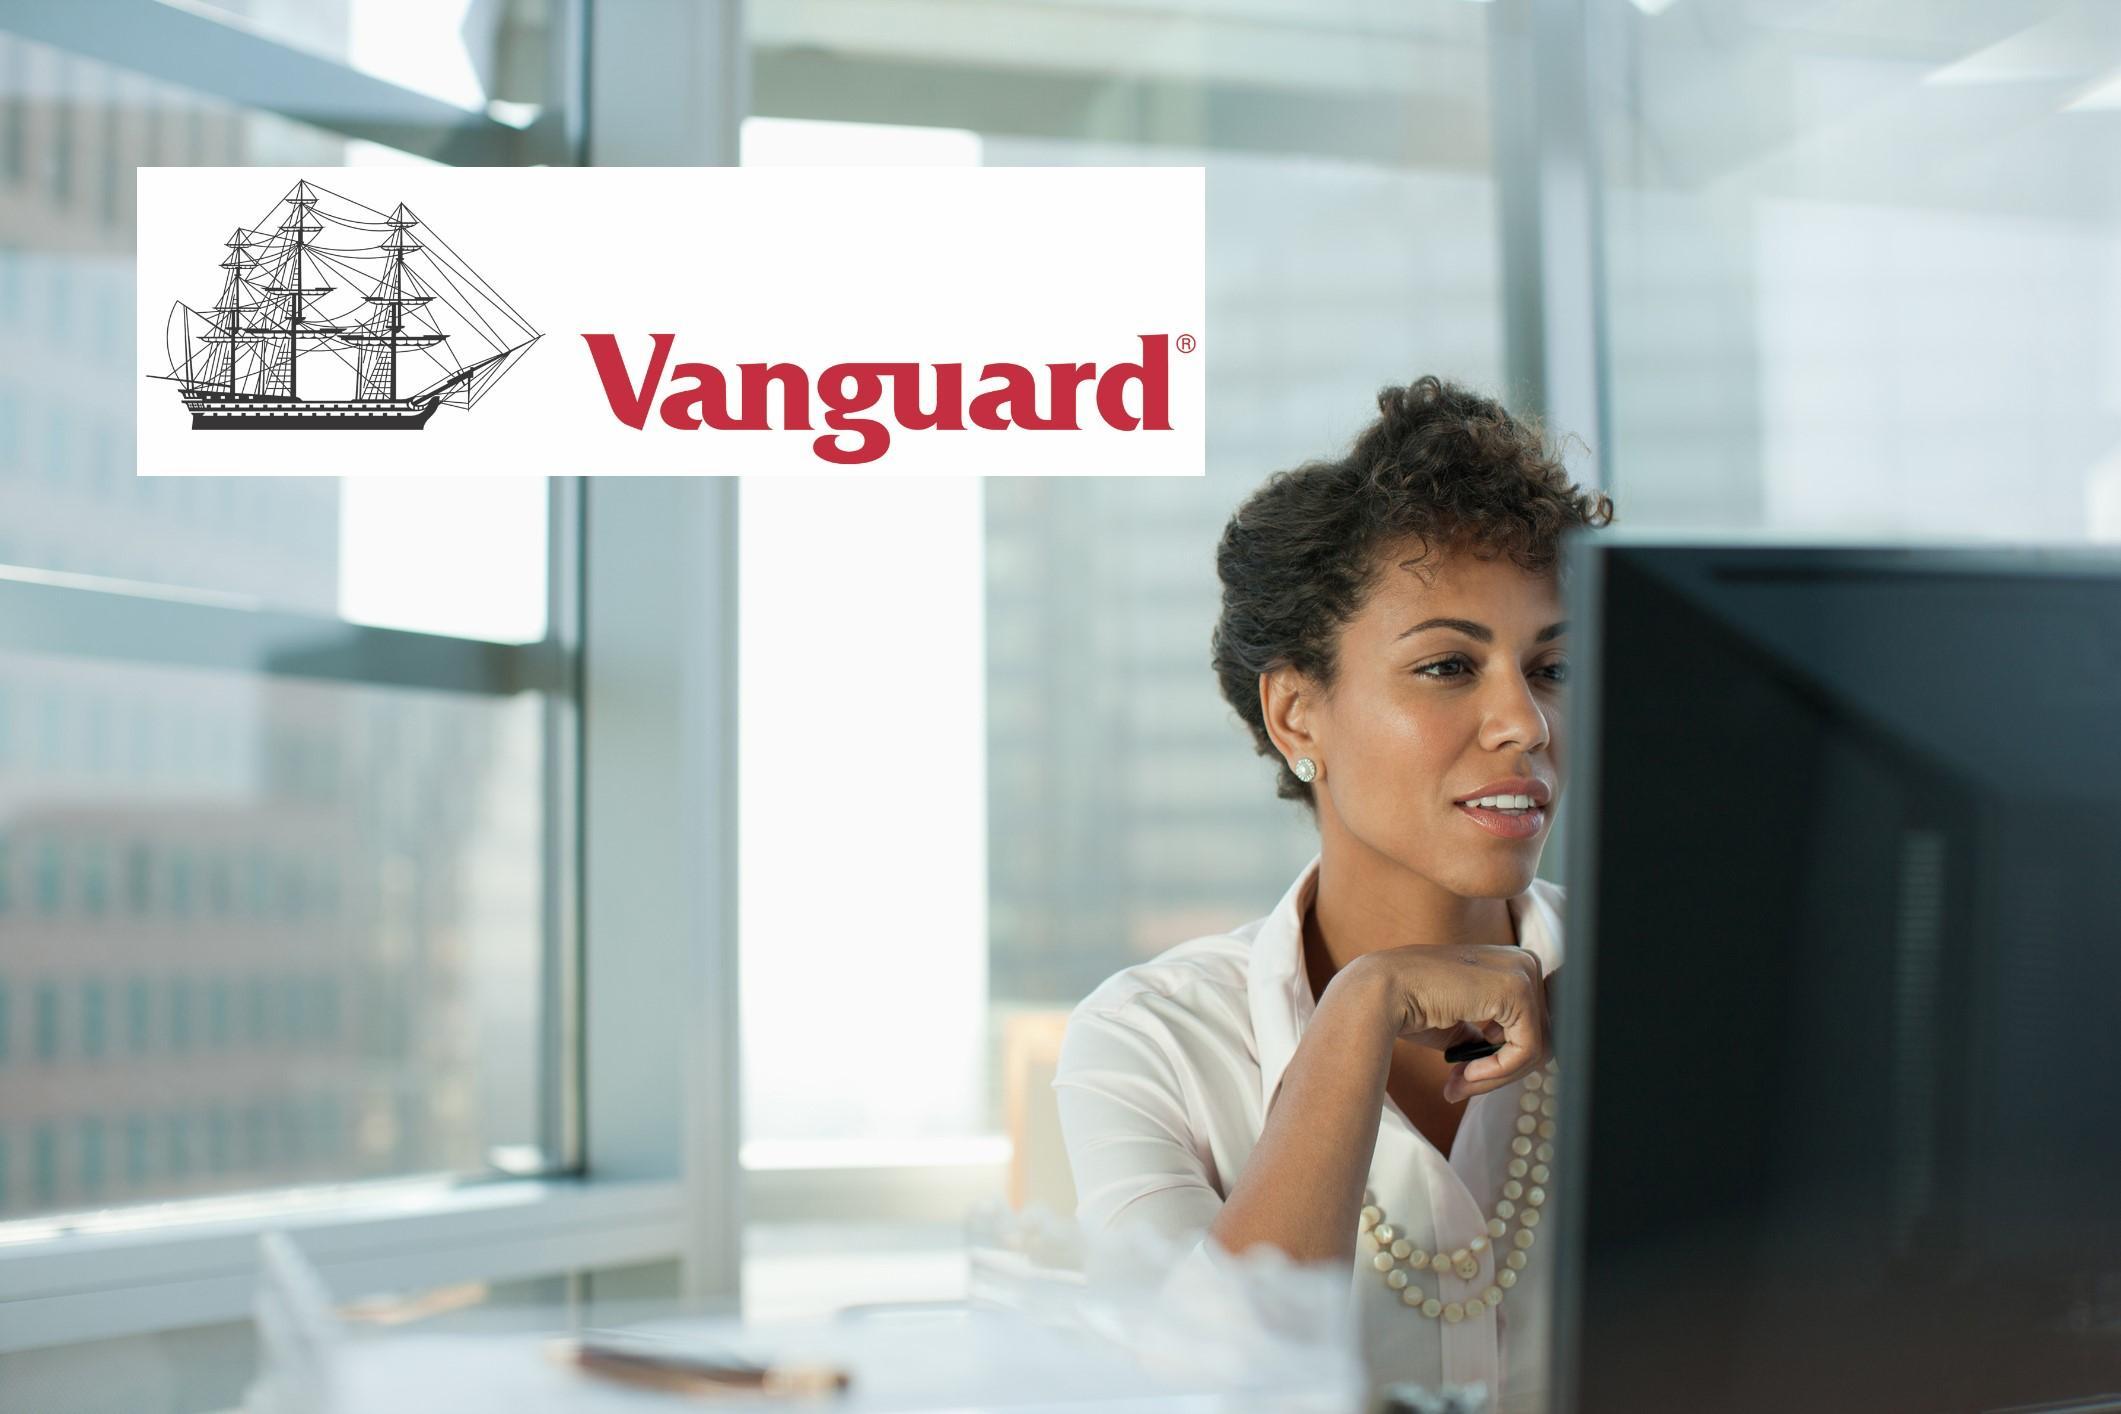 Vanguard logo over investor doing research on VOO VTI ETFs